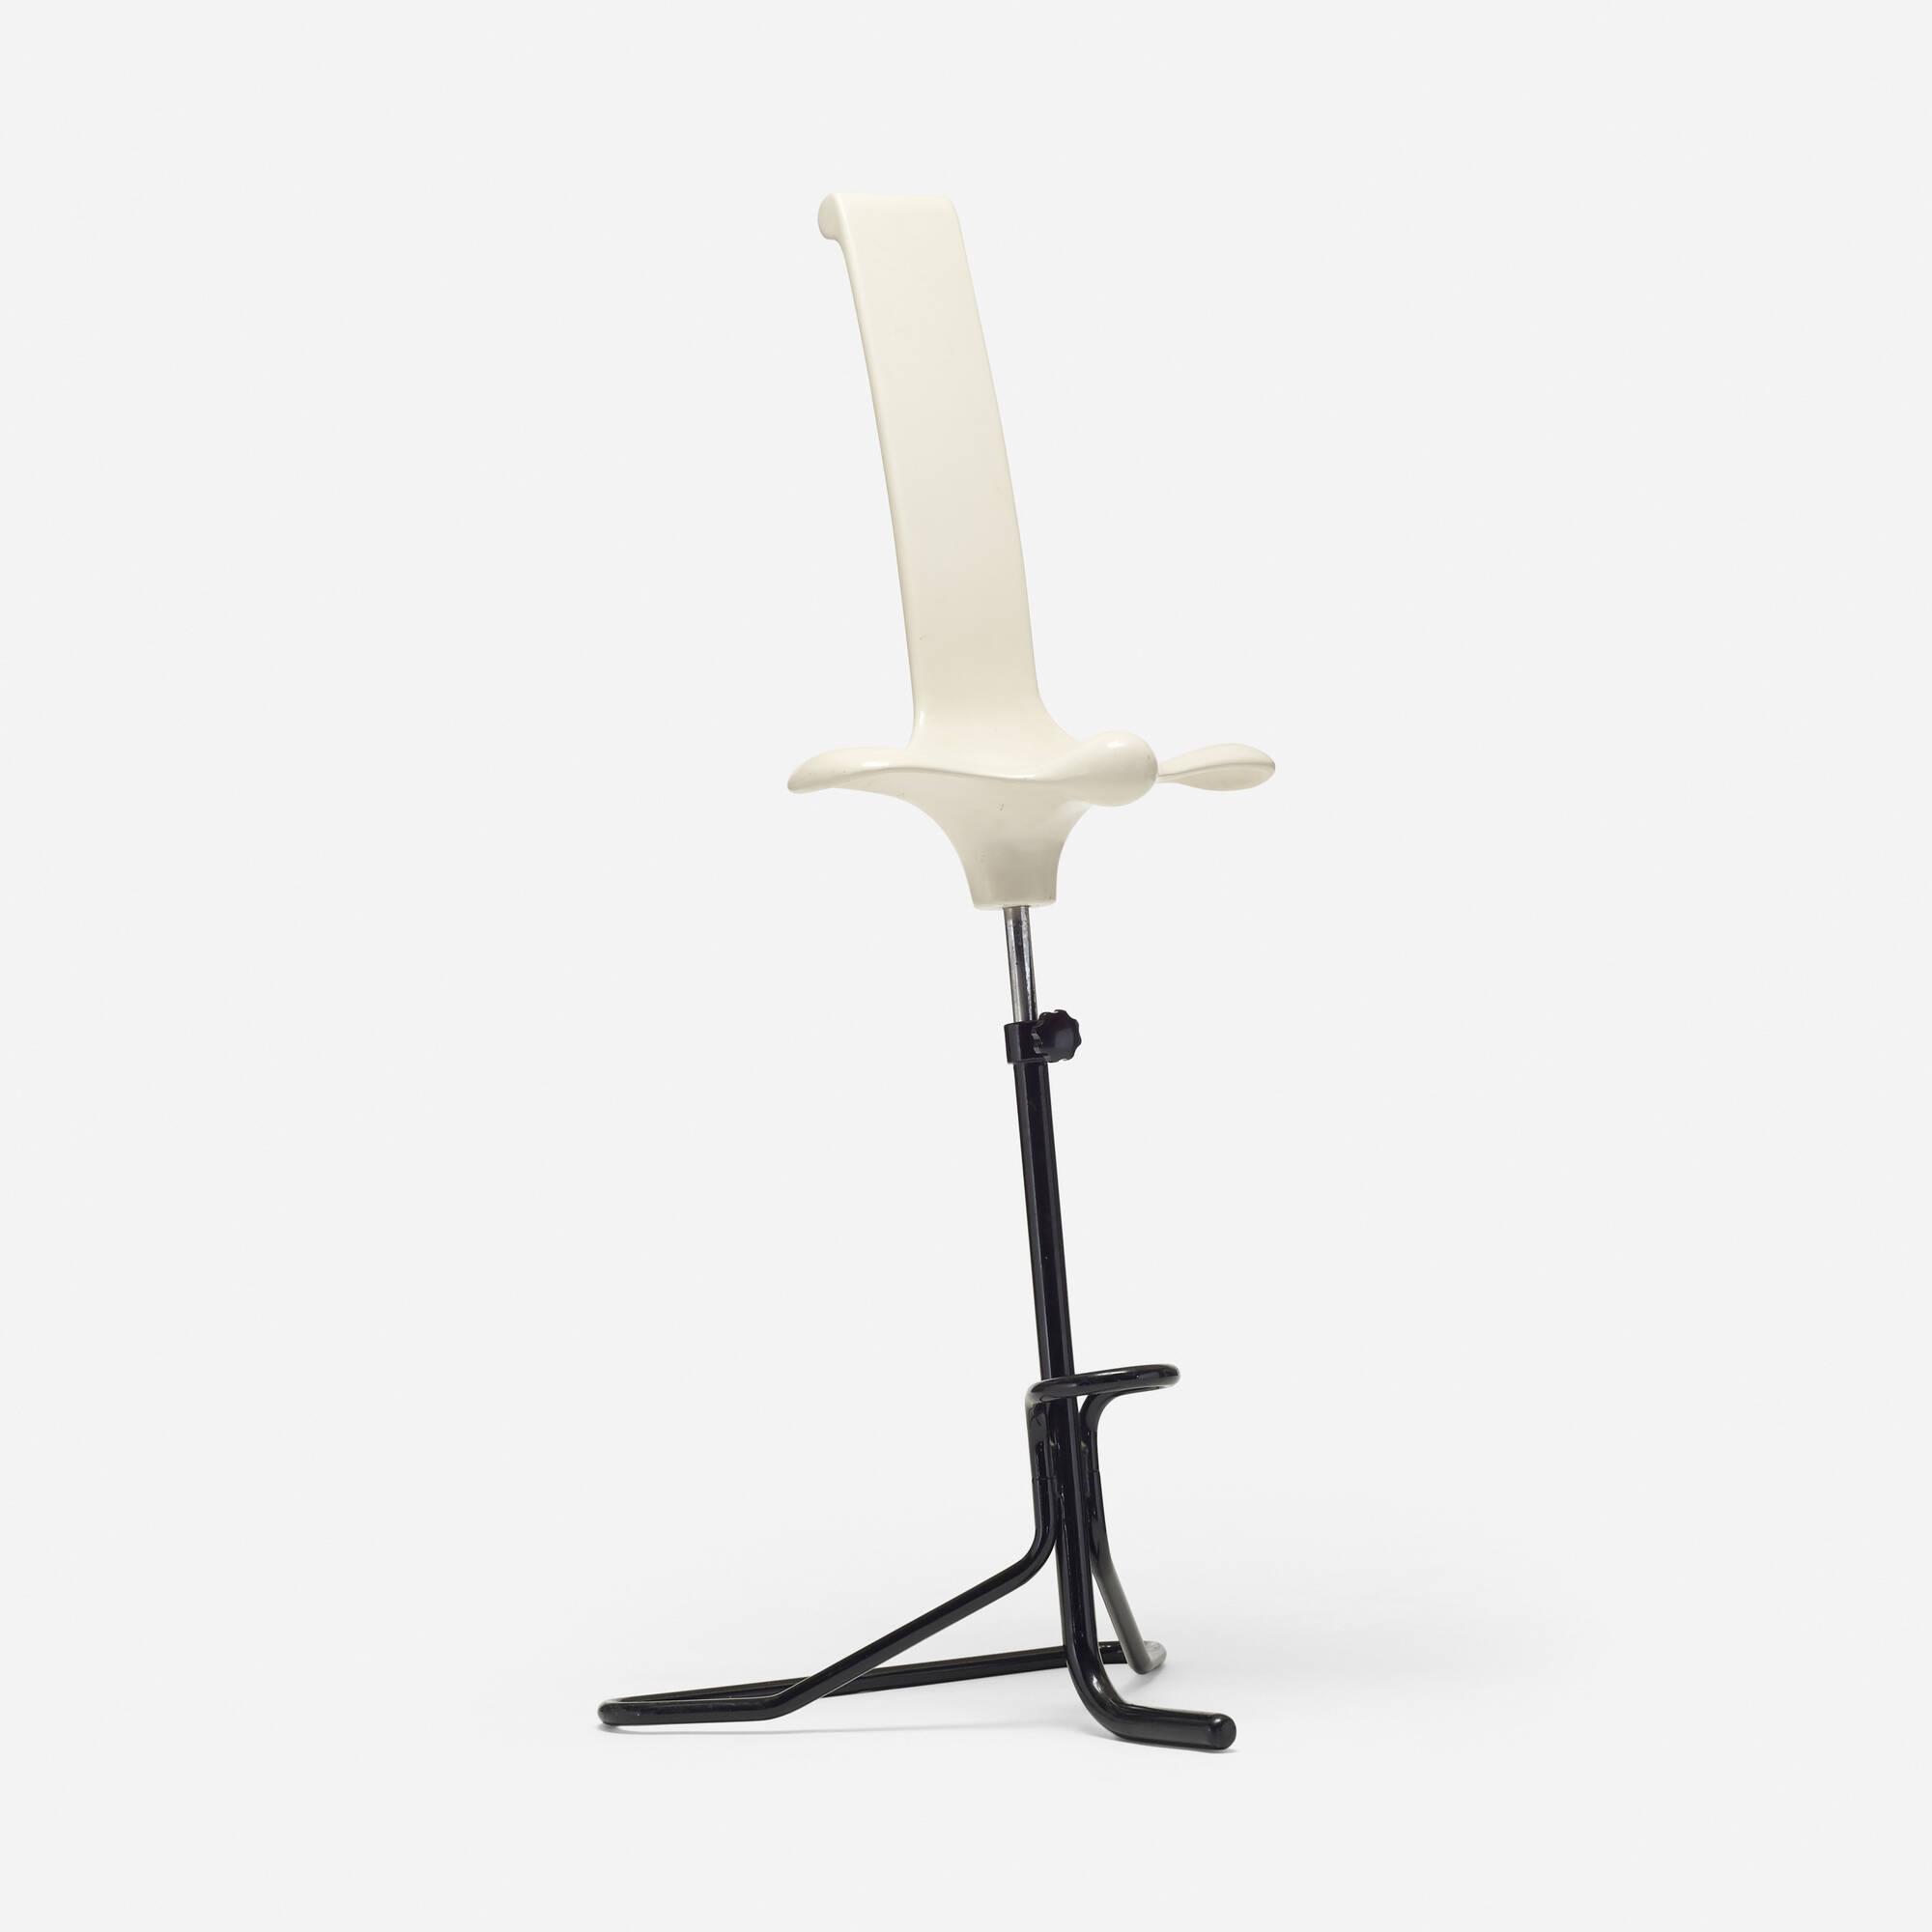 707: Claudio Salocchi / Appoggio stool (1 of 2)